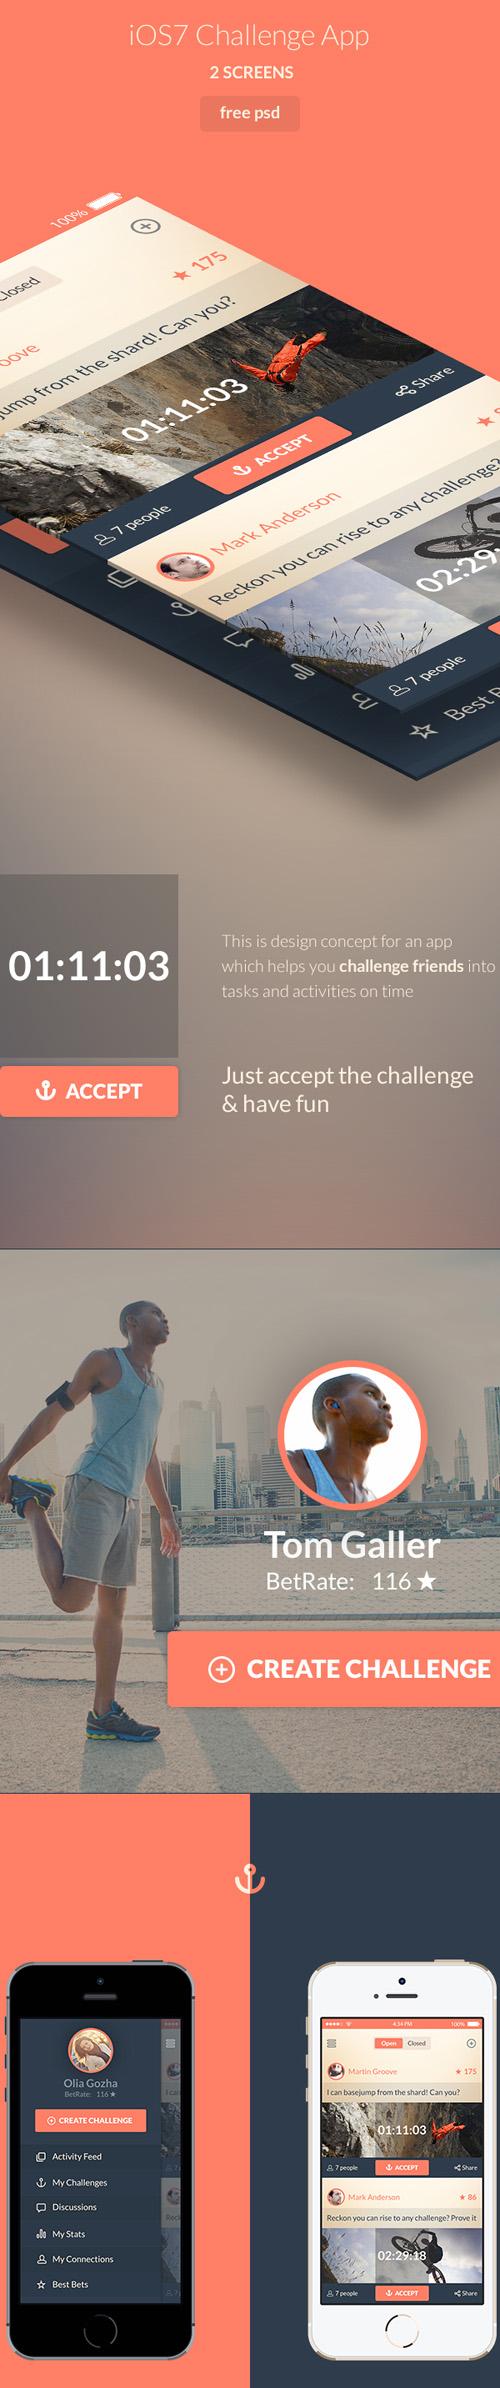 Betanchor - free iOS7 app design